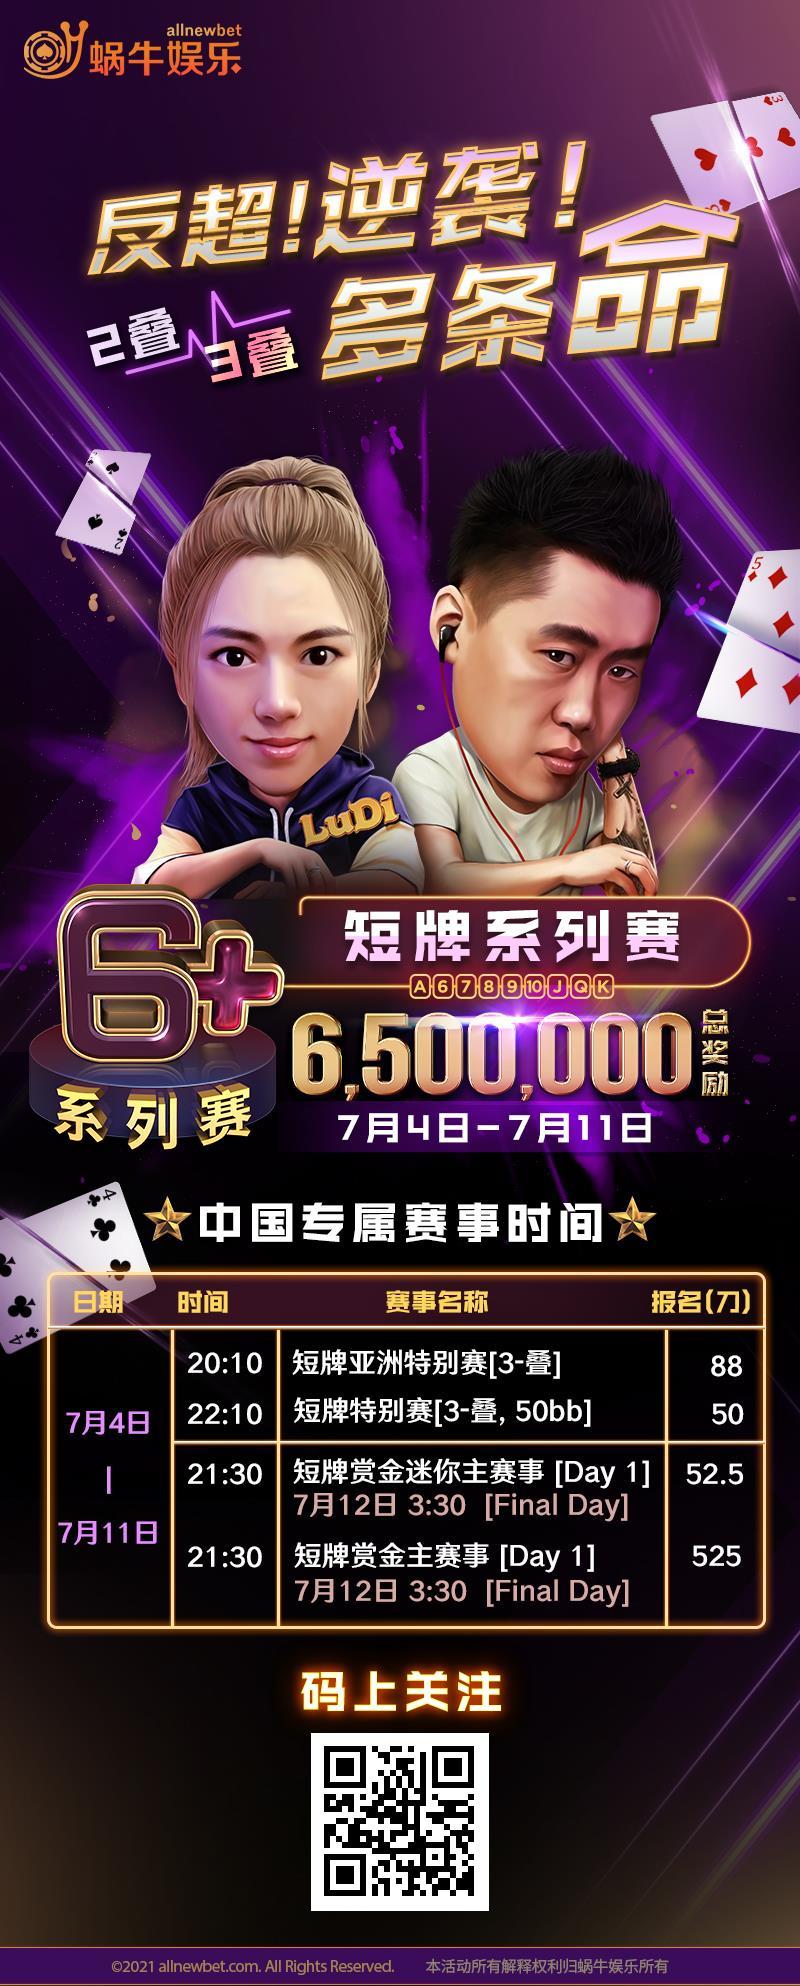 【蜗牛扑克】决战马耳他线上赛再次回归2亿元保底奖励